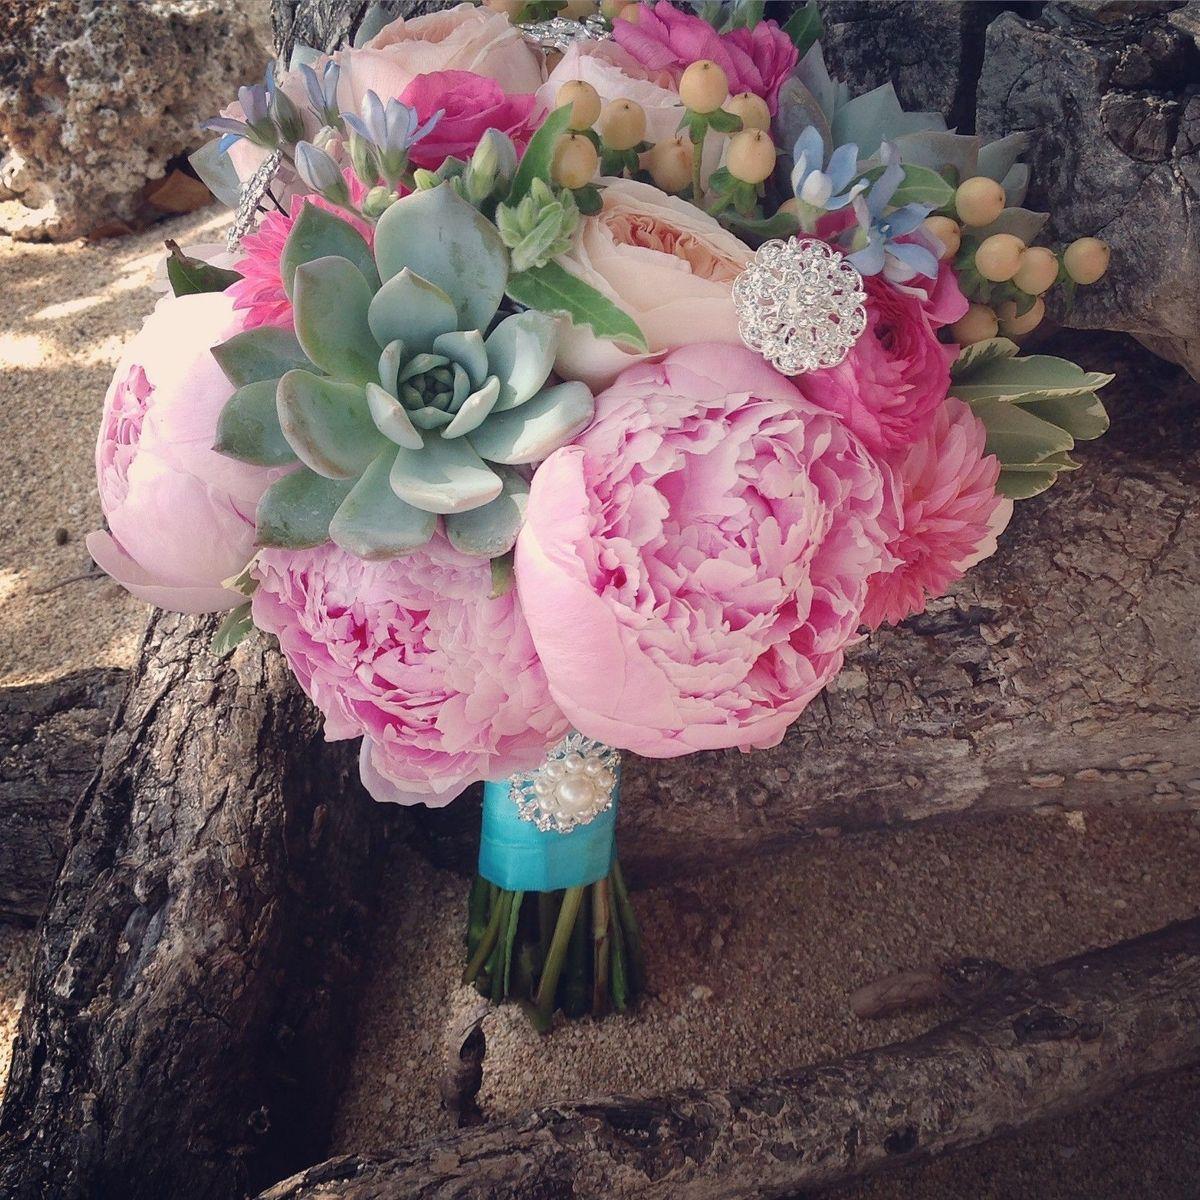 Posy Parties - Flowers - Ewa Beach, HI - WeddingWire